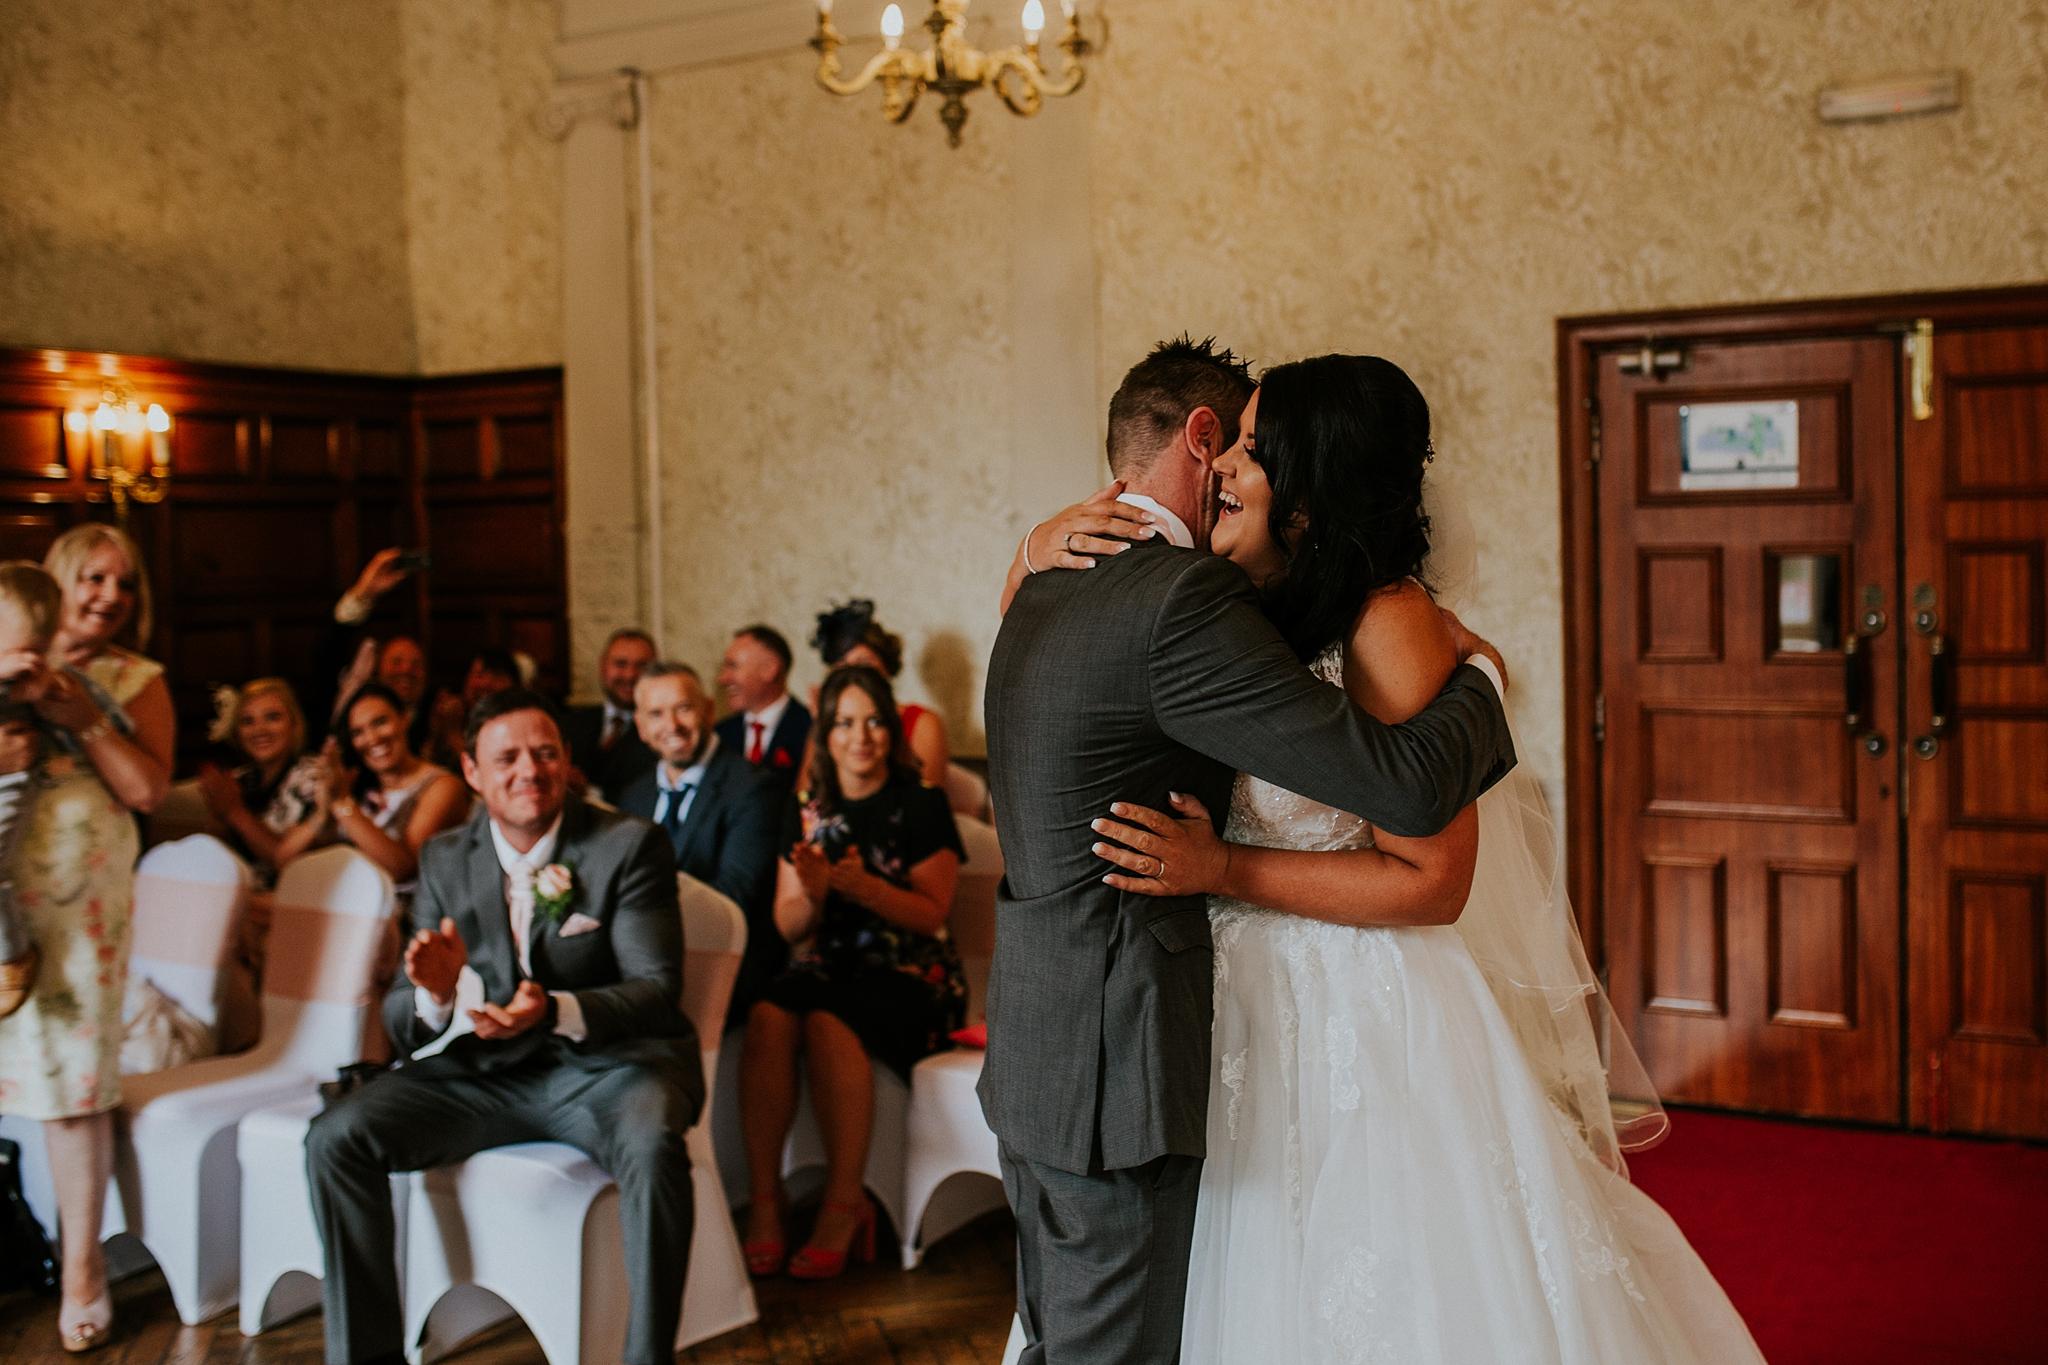 newcastle_upon_tyne_wedding_photographer-21.JPG